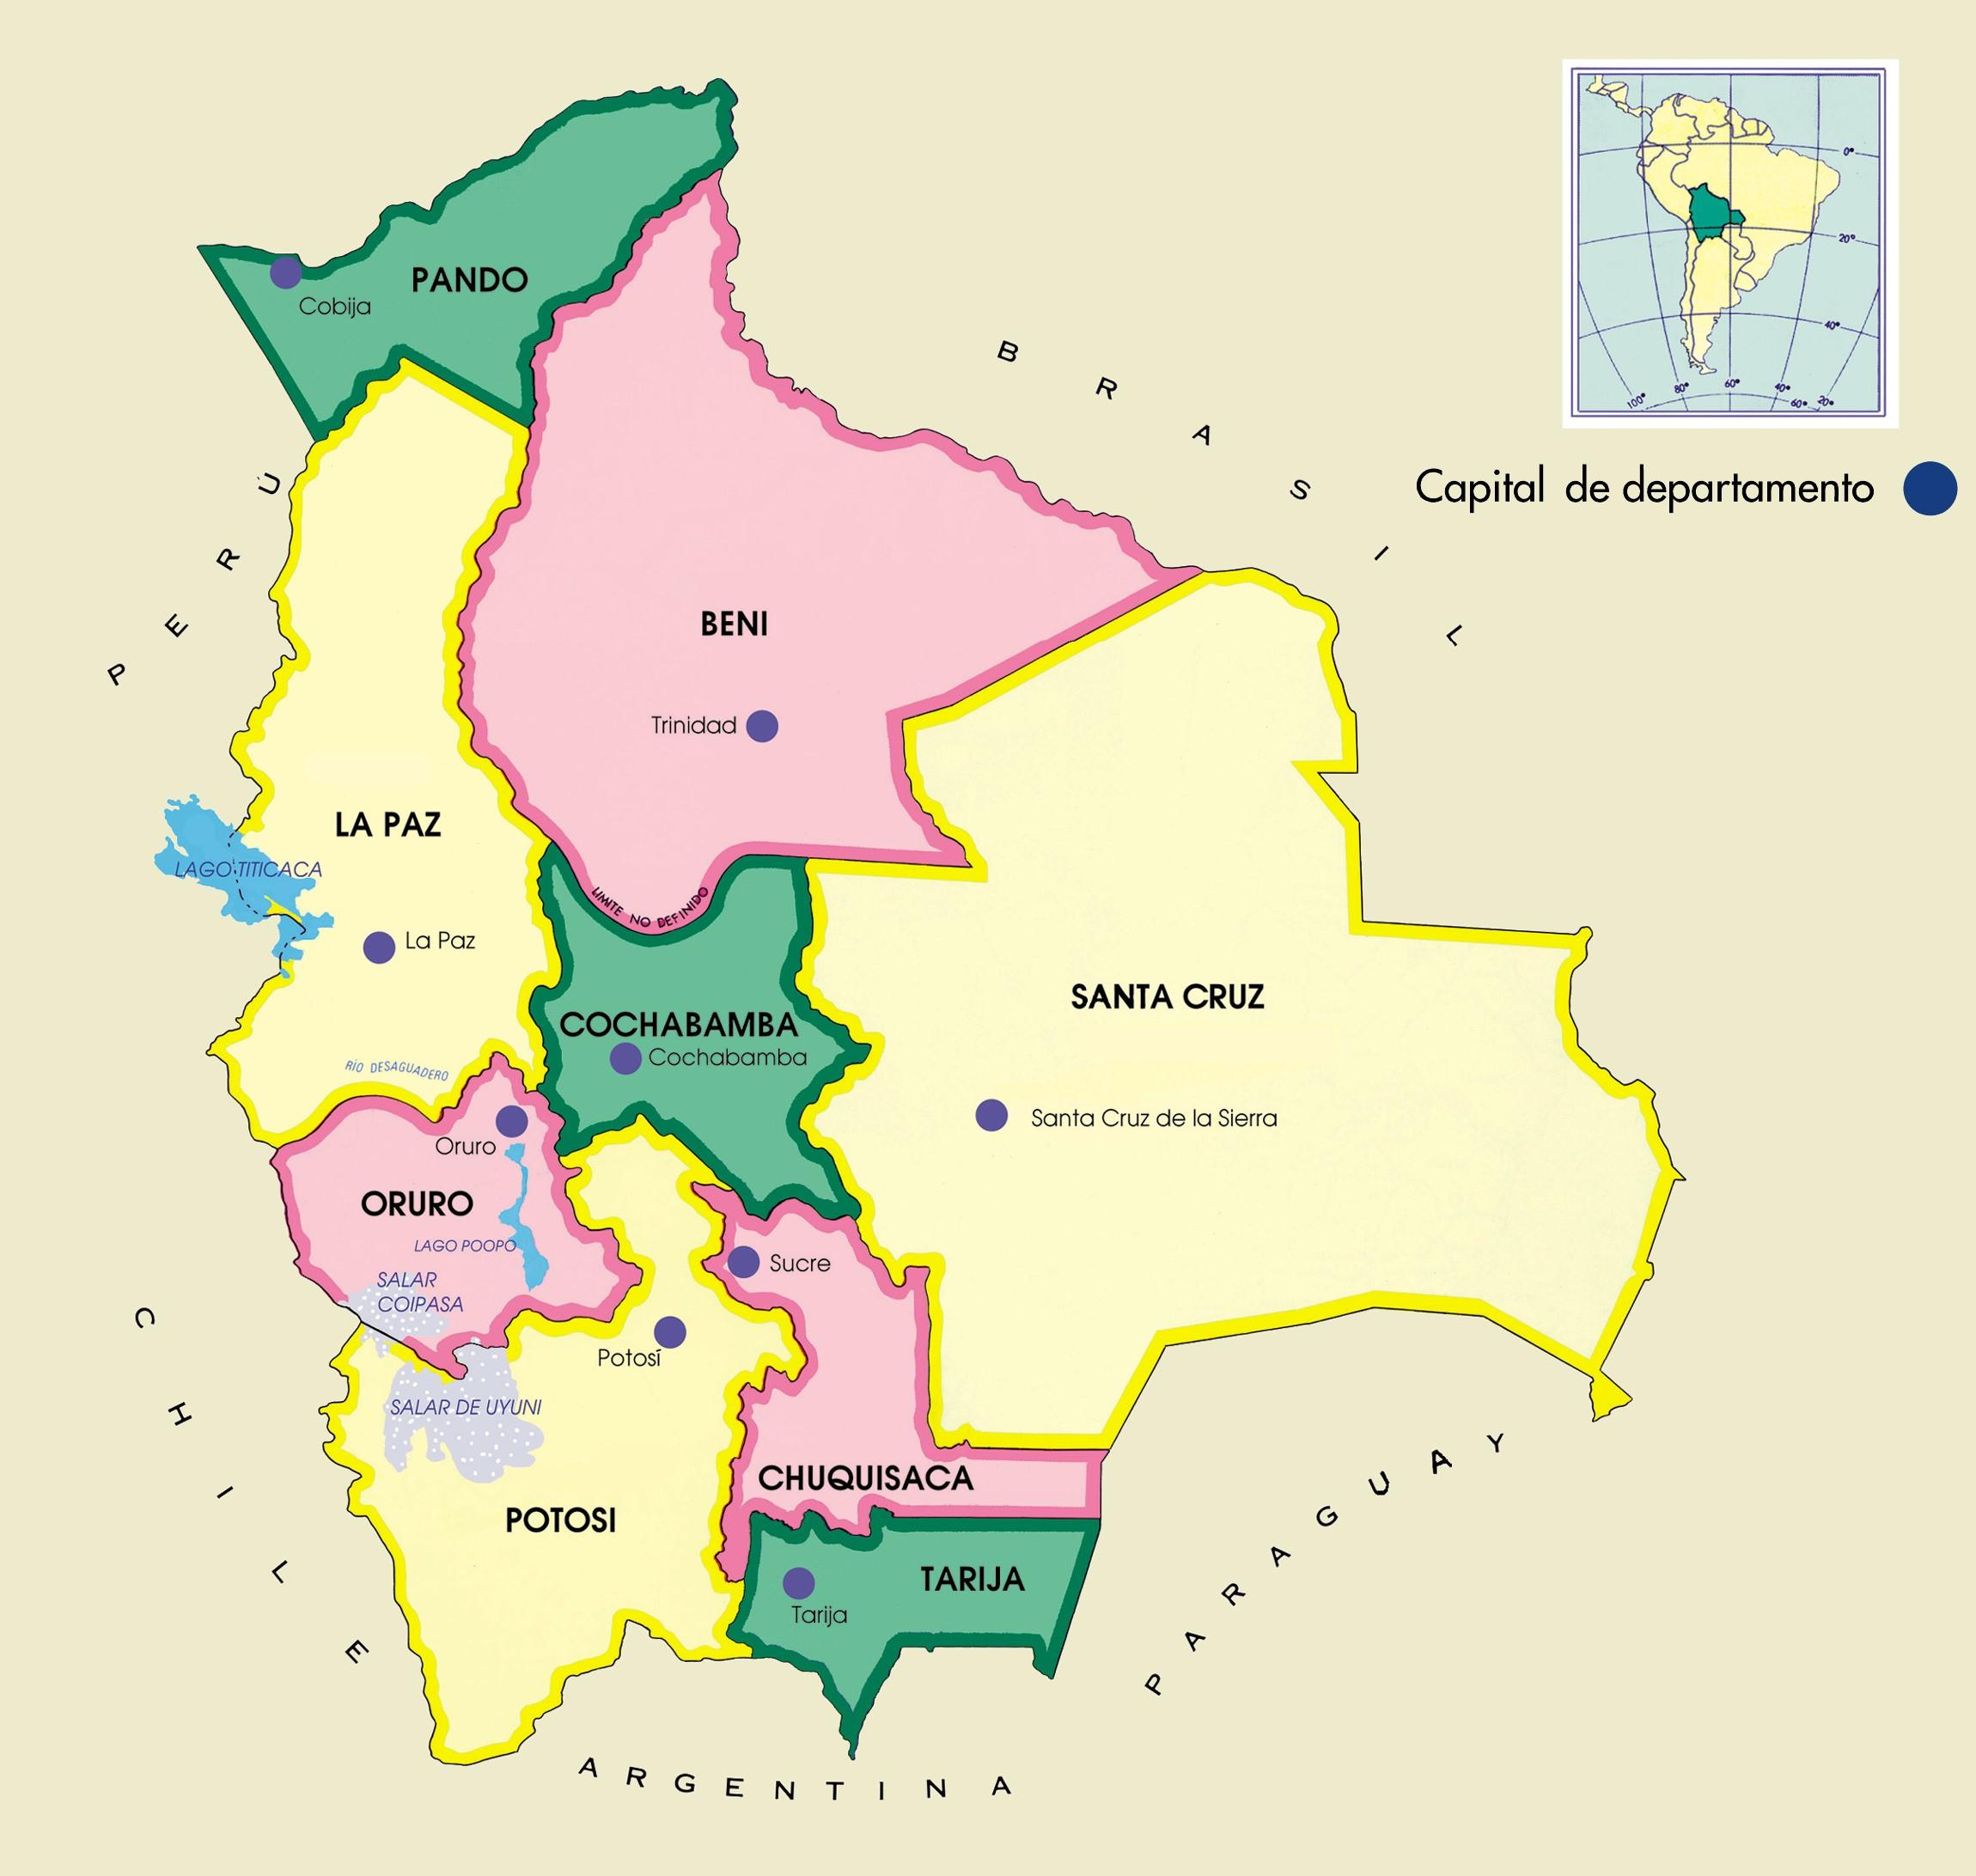 Mapa de Bolivia - Mapa Físico, Geográfico, Político